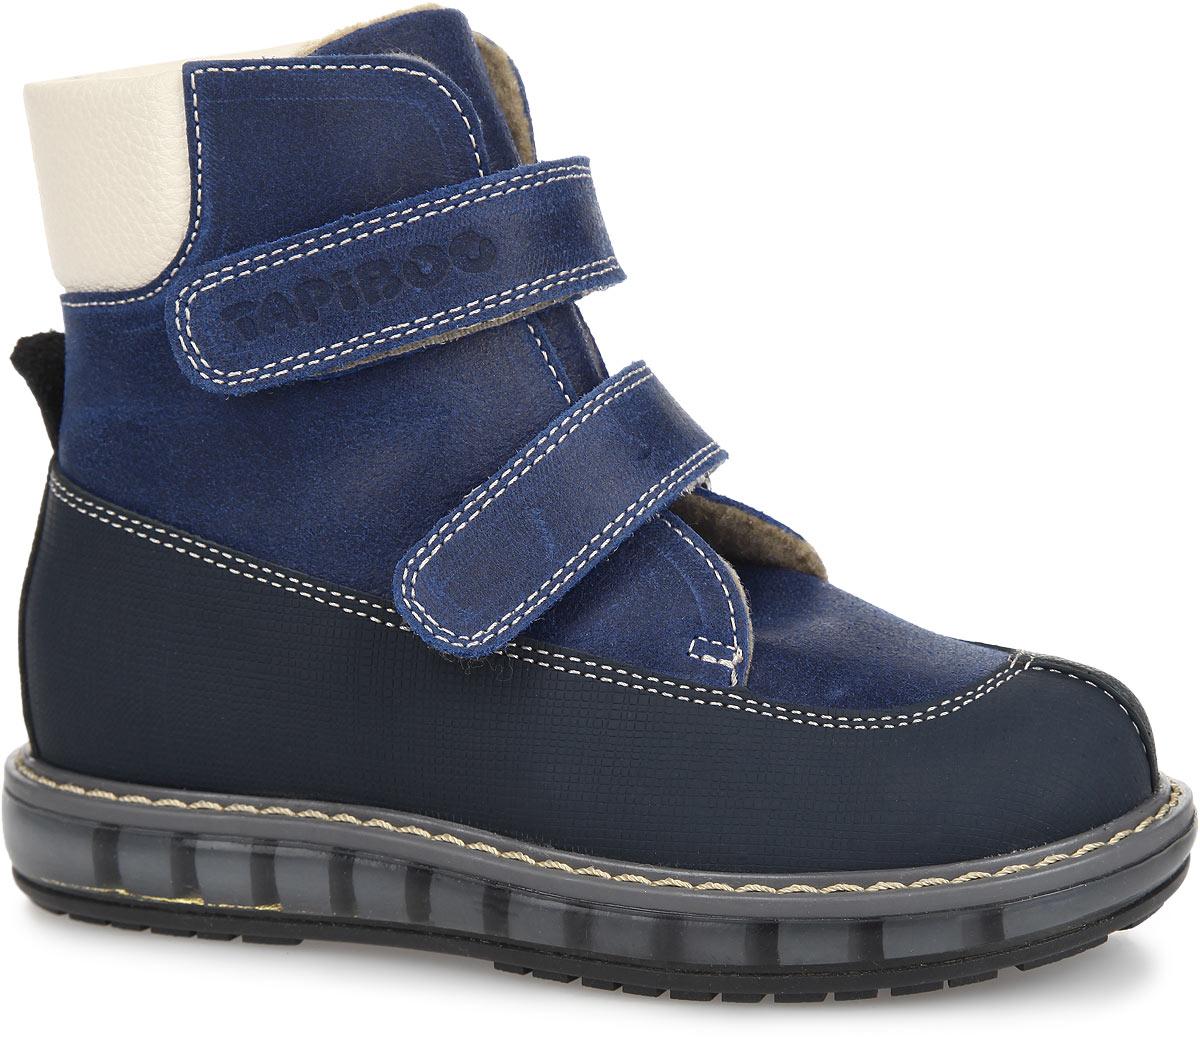 FT-23001.15-OL21O.01Стильные детские ботинки TapiBoo приведут в восторг вашего малыша. Модель выполнена из натуральной кожи контрастных цветов и оформлена светлой прострочкой по верху. Подкладка и анатомическая стелька, изготовленные из мягкого и утепленного синтетического волокна, согреют ножки ребенка от холода и обеспечат уют. Ремешки на застежках-липучках позволяют оптимально подогнать полноту обуви по ноге и гарантируют надежную фиксацию. Жесткий фиксирующий задник с удлиненным крылом стабилизирует голеностопный сустав во время ходьбы. Задник декорирован наружным ремешком, а один из ремешков - символикой бреда. Упругая, умеренно-эластичная подошва, имеющая перекат, который позволяет повторить естественное движение стопы при ходьбе, предназначена для правильного распределения нагрузки на опорно-двигательный аппарат ребенка. Удобные ботинки придутся по душе вашему ребенку!